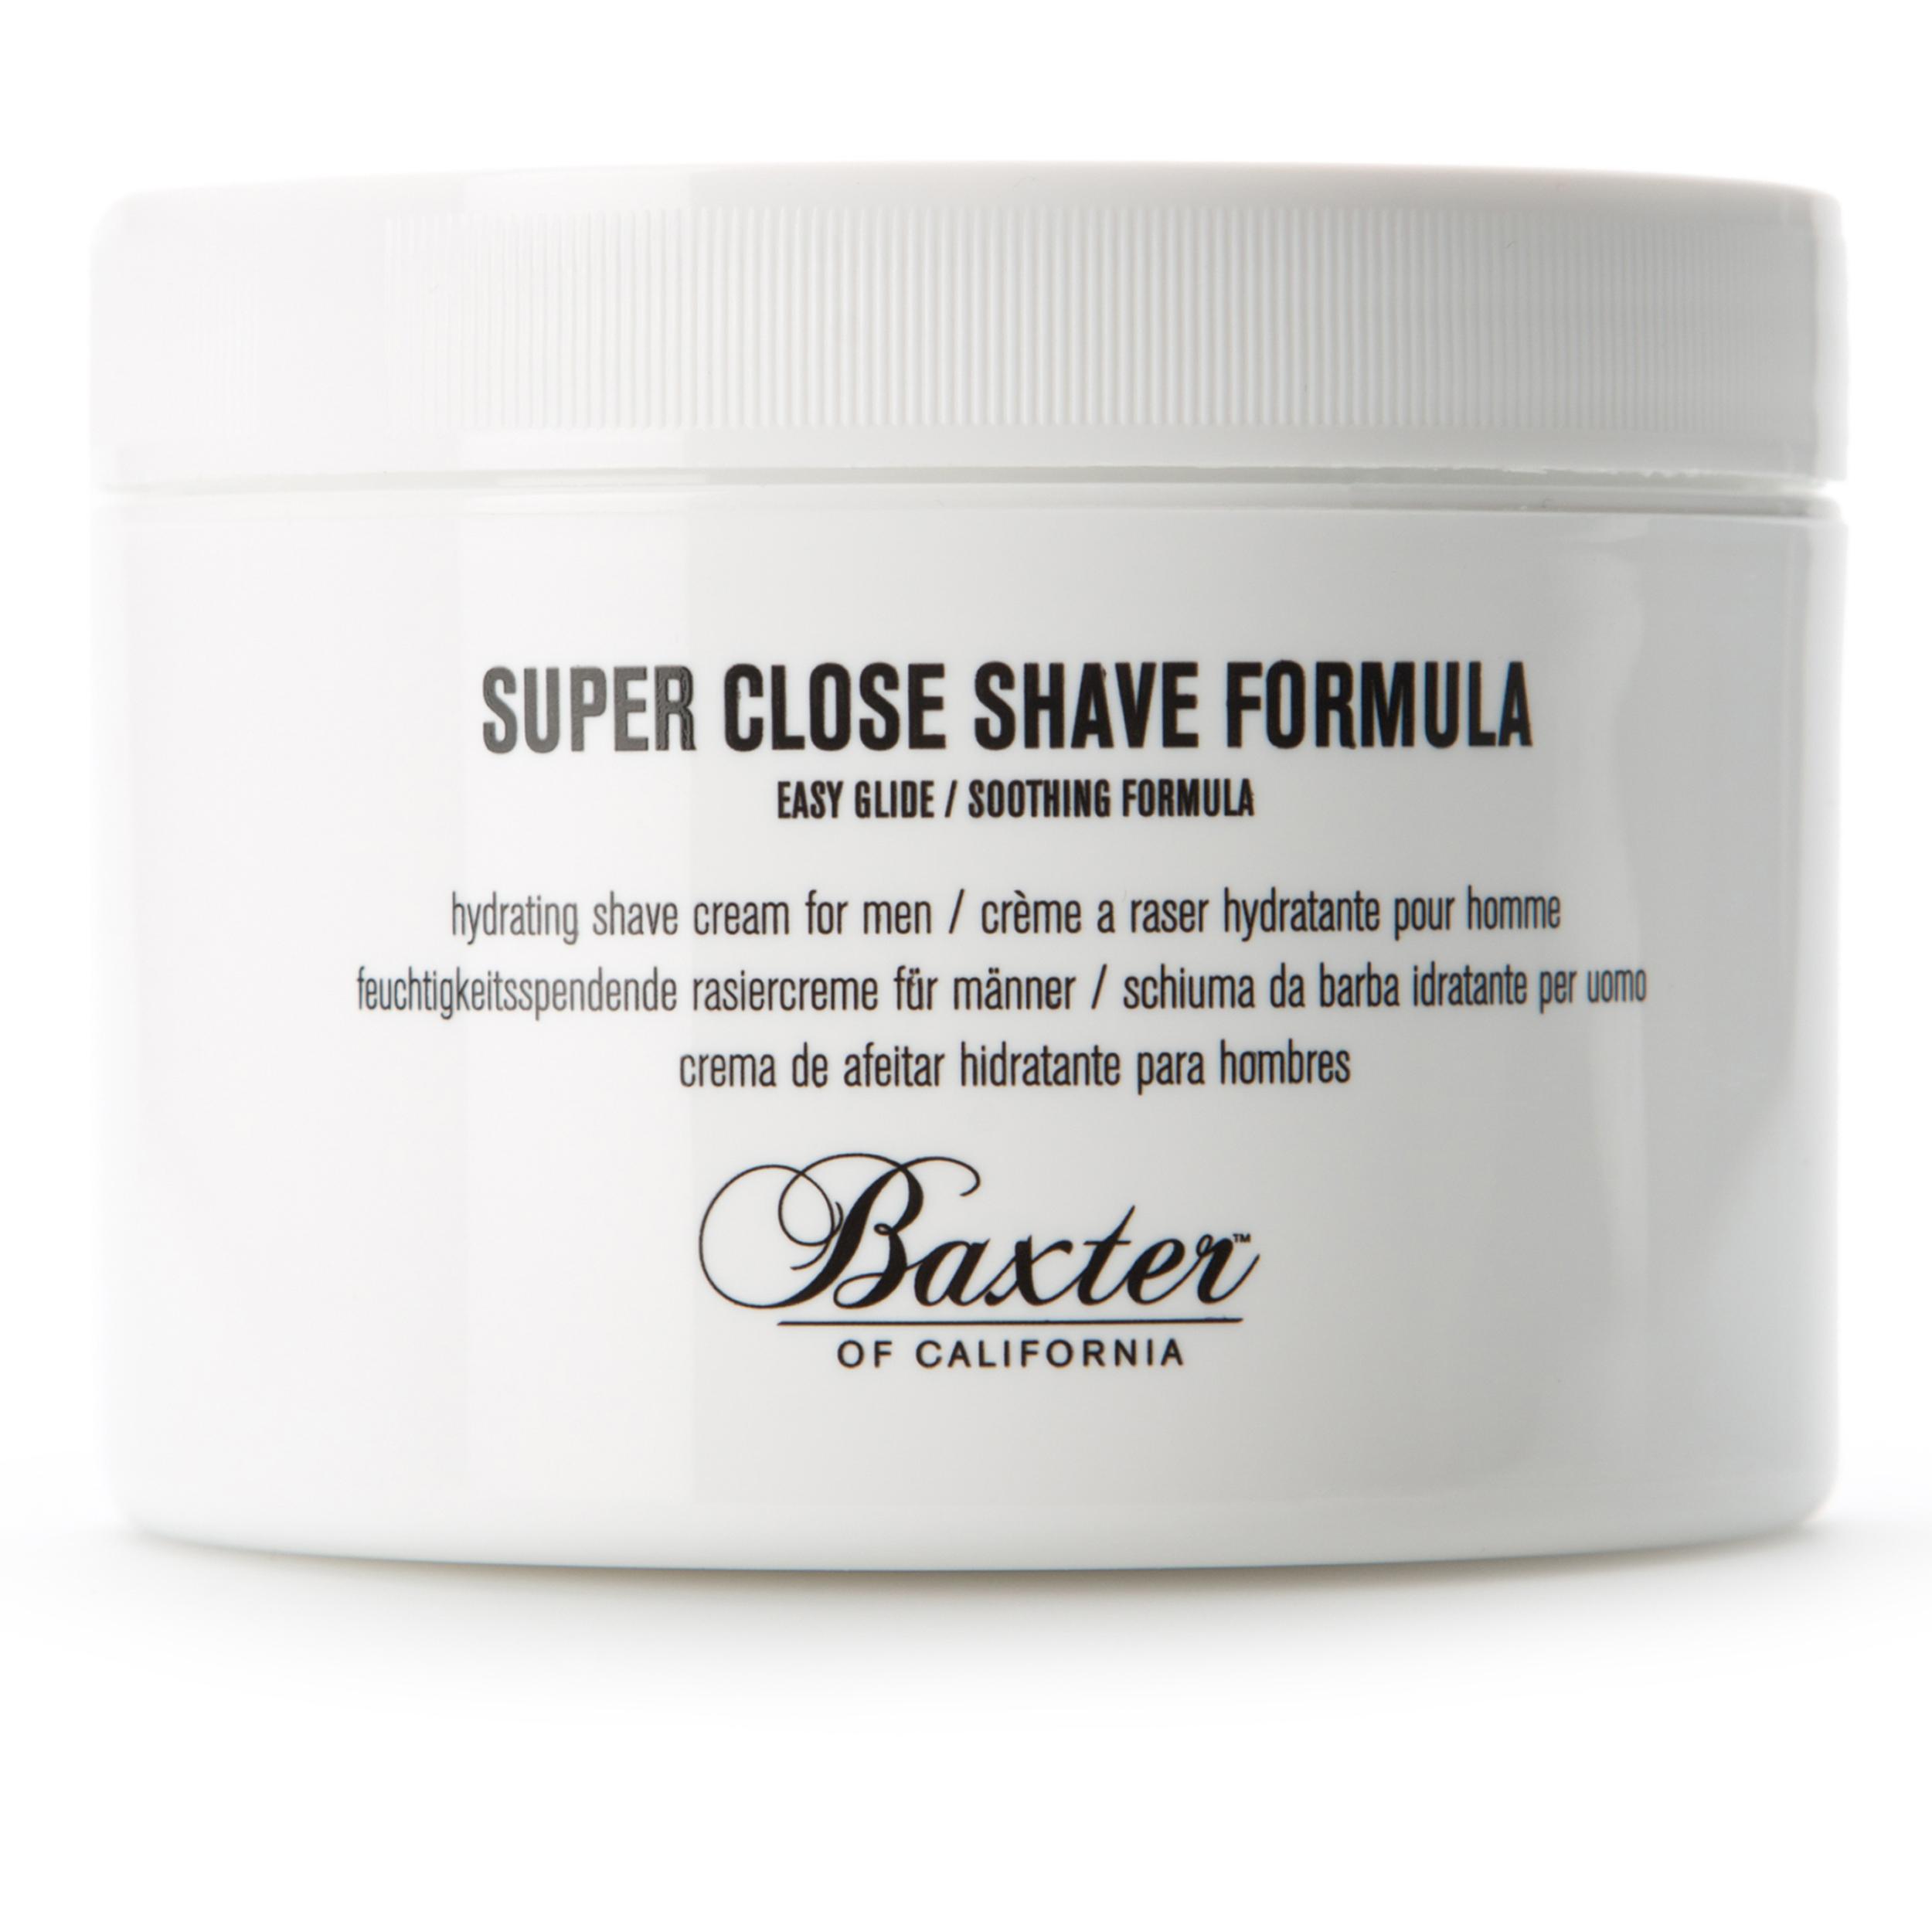 Baxter of California Крем для бритья Super Close Shave Formula 240 мл фото